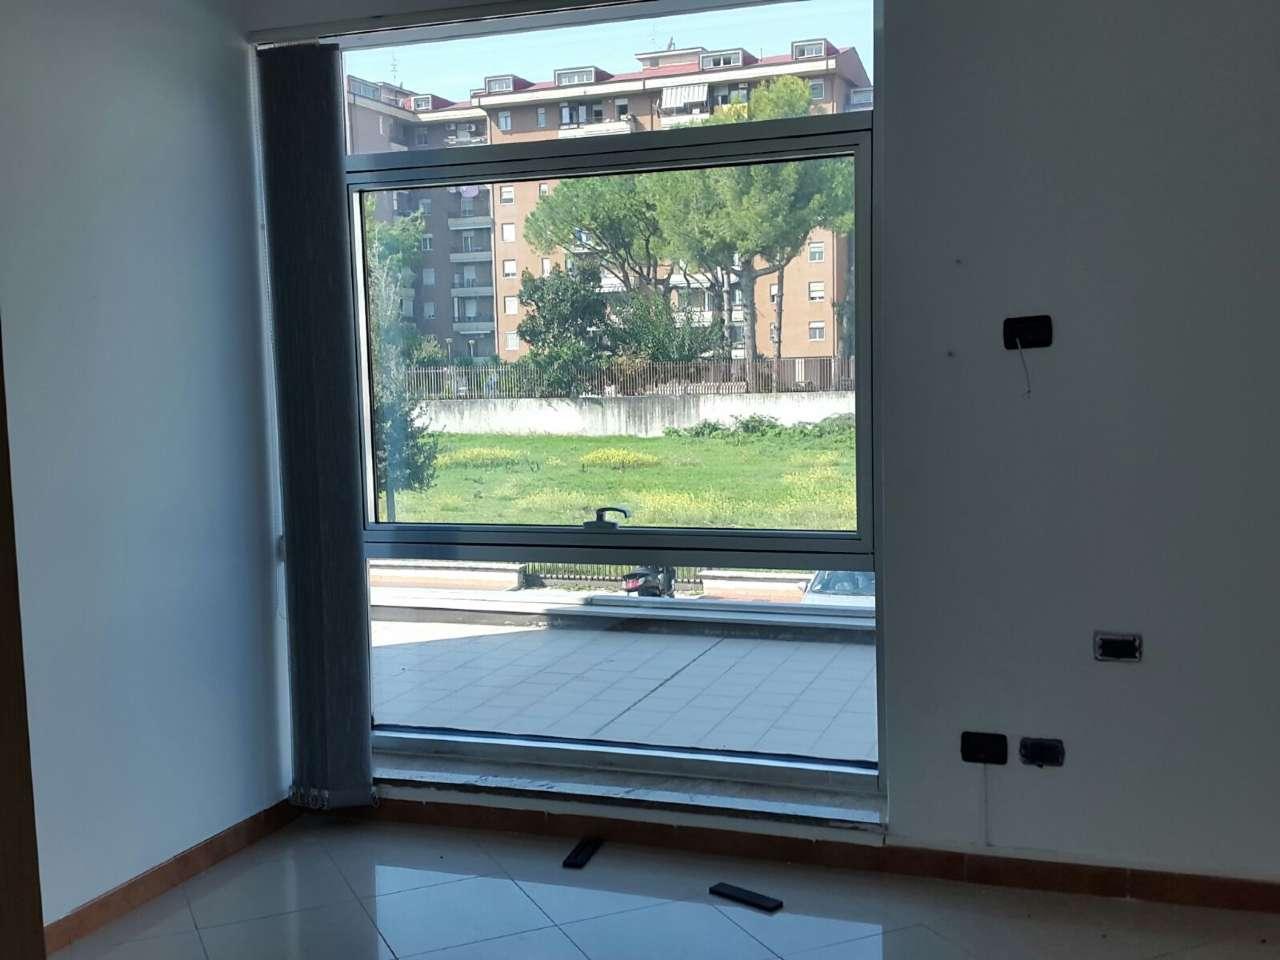 Ufficio Casalnuovo : Ufficio studio casalnuovo di napoli affitto u ac  mq